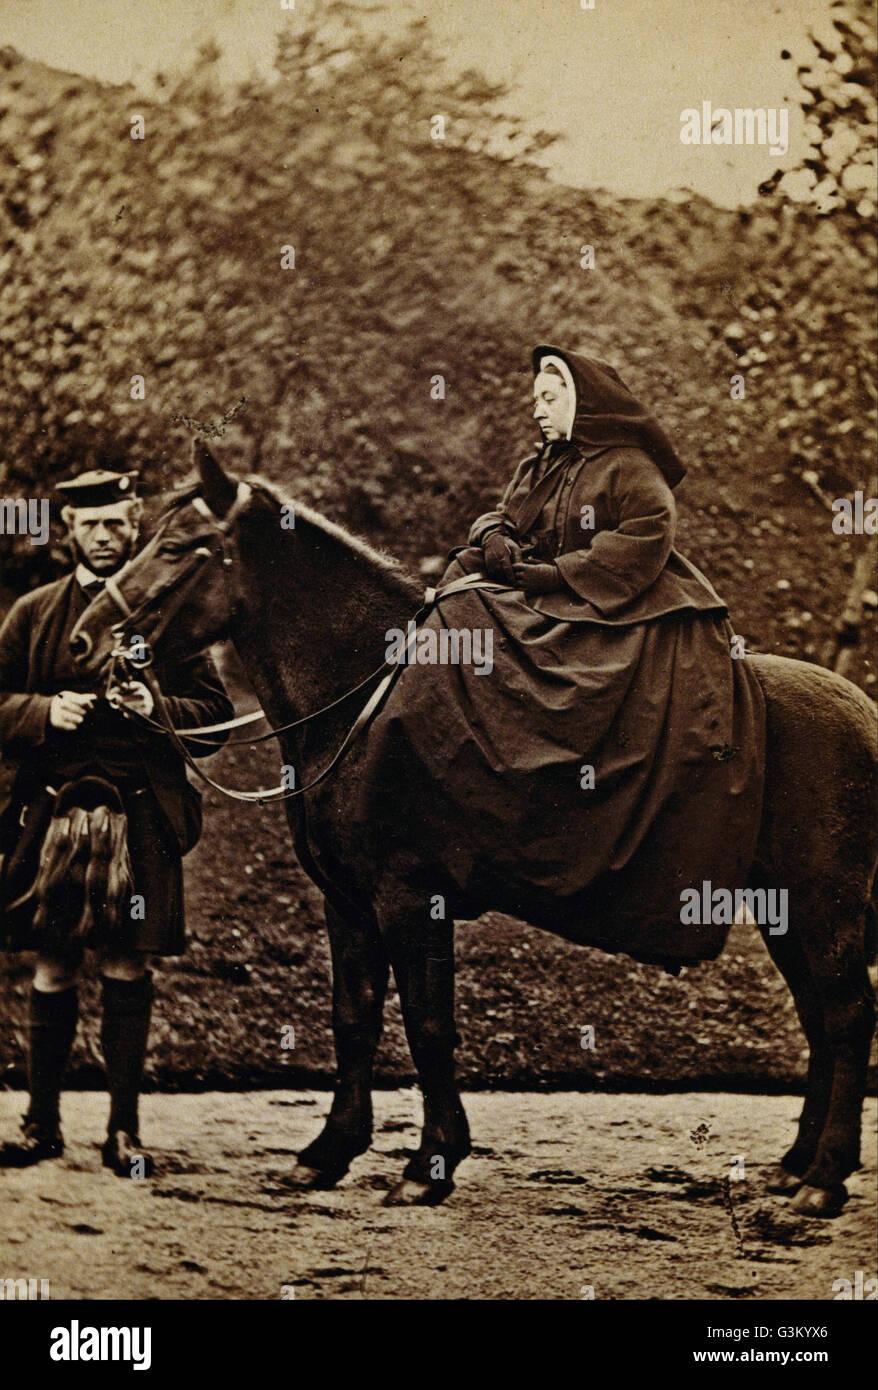 George Washington Wilson - La Reina Victoria en 'Fyvie' con John Brown de Balmoral - Imagen De Stock